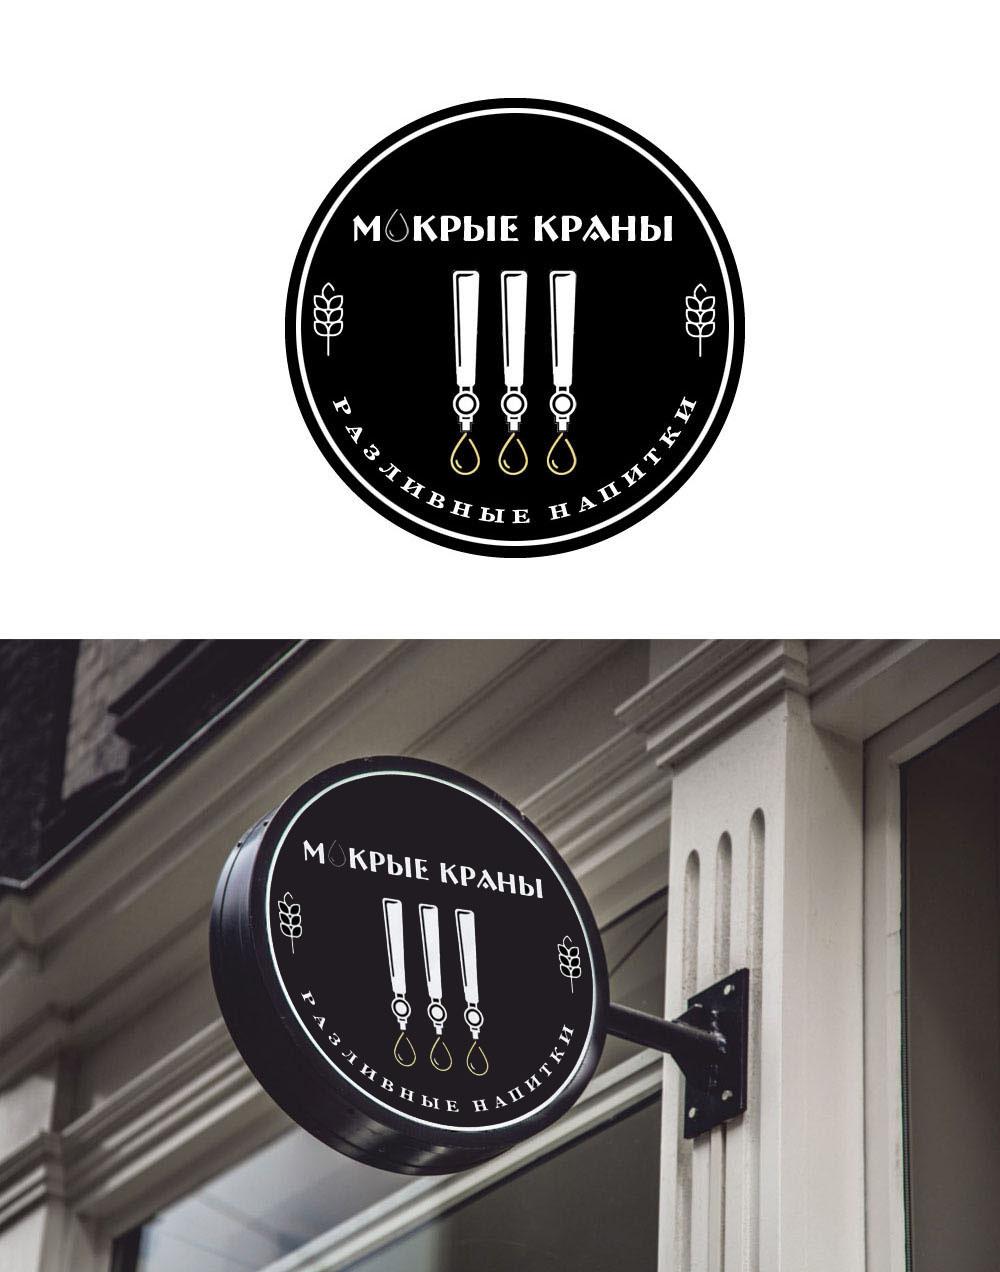 Вывеска/логотип для пивного магазина фото f_85460207a29a7e69.jpg